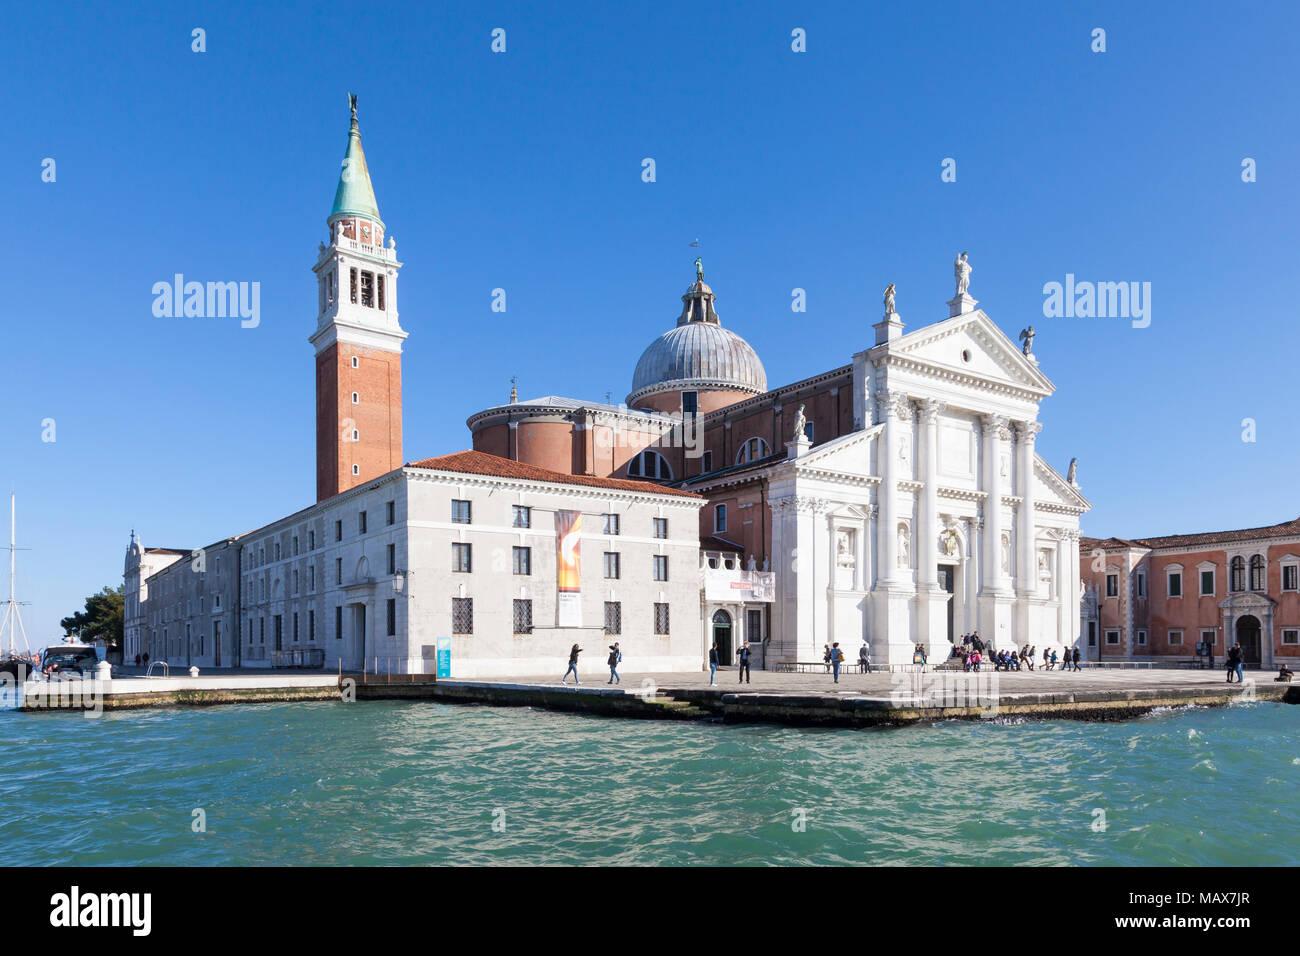 Isola di San Giorgio Maggiore de Basino de San Marcos y el Canal de la Giudecca, Venecia, Véneto, Italia en un día soleado de cielo azul. Diseñado por Palladio Foto de stock